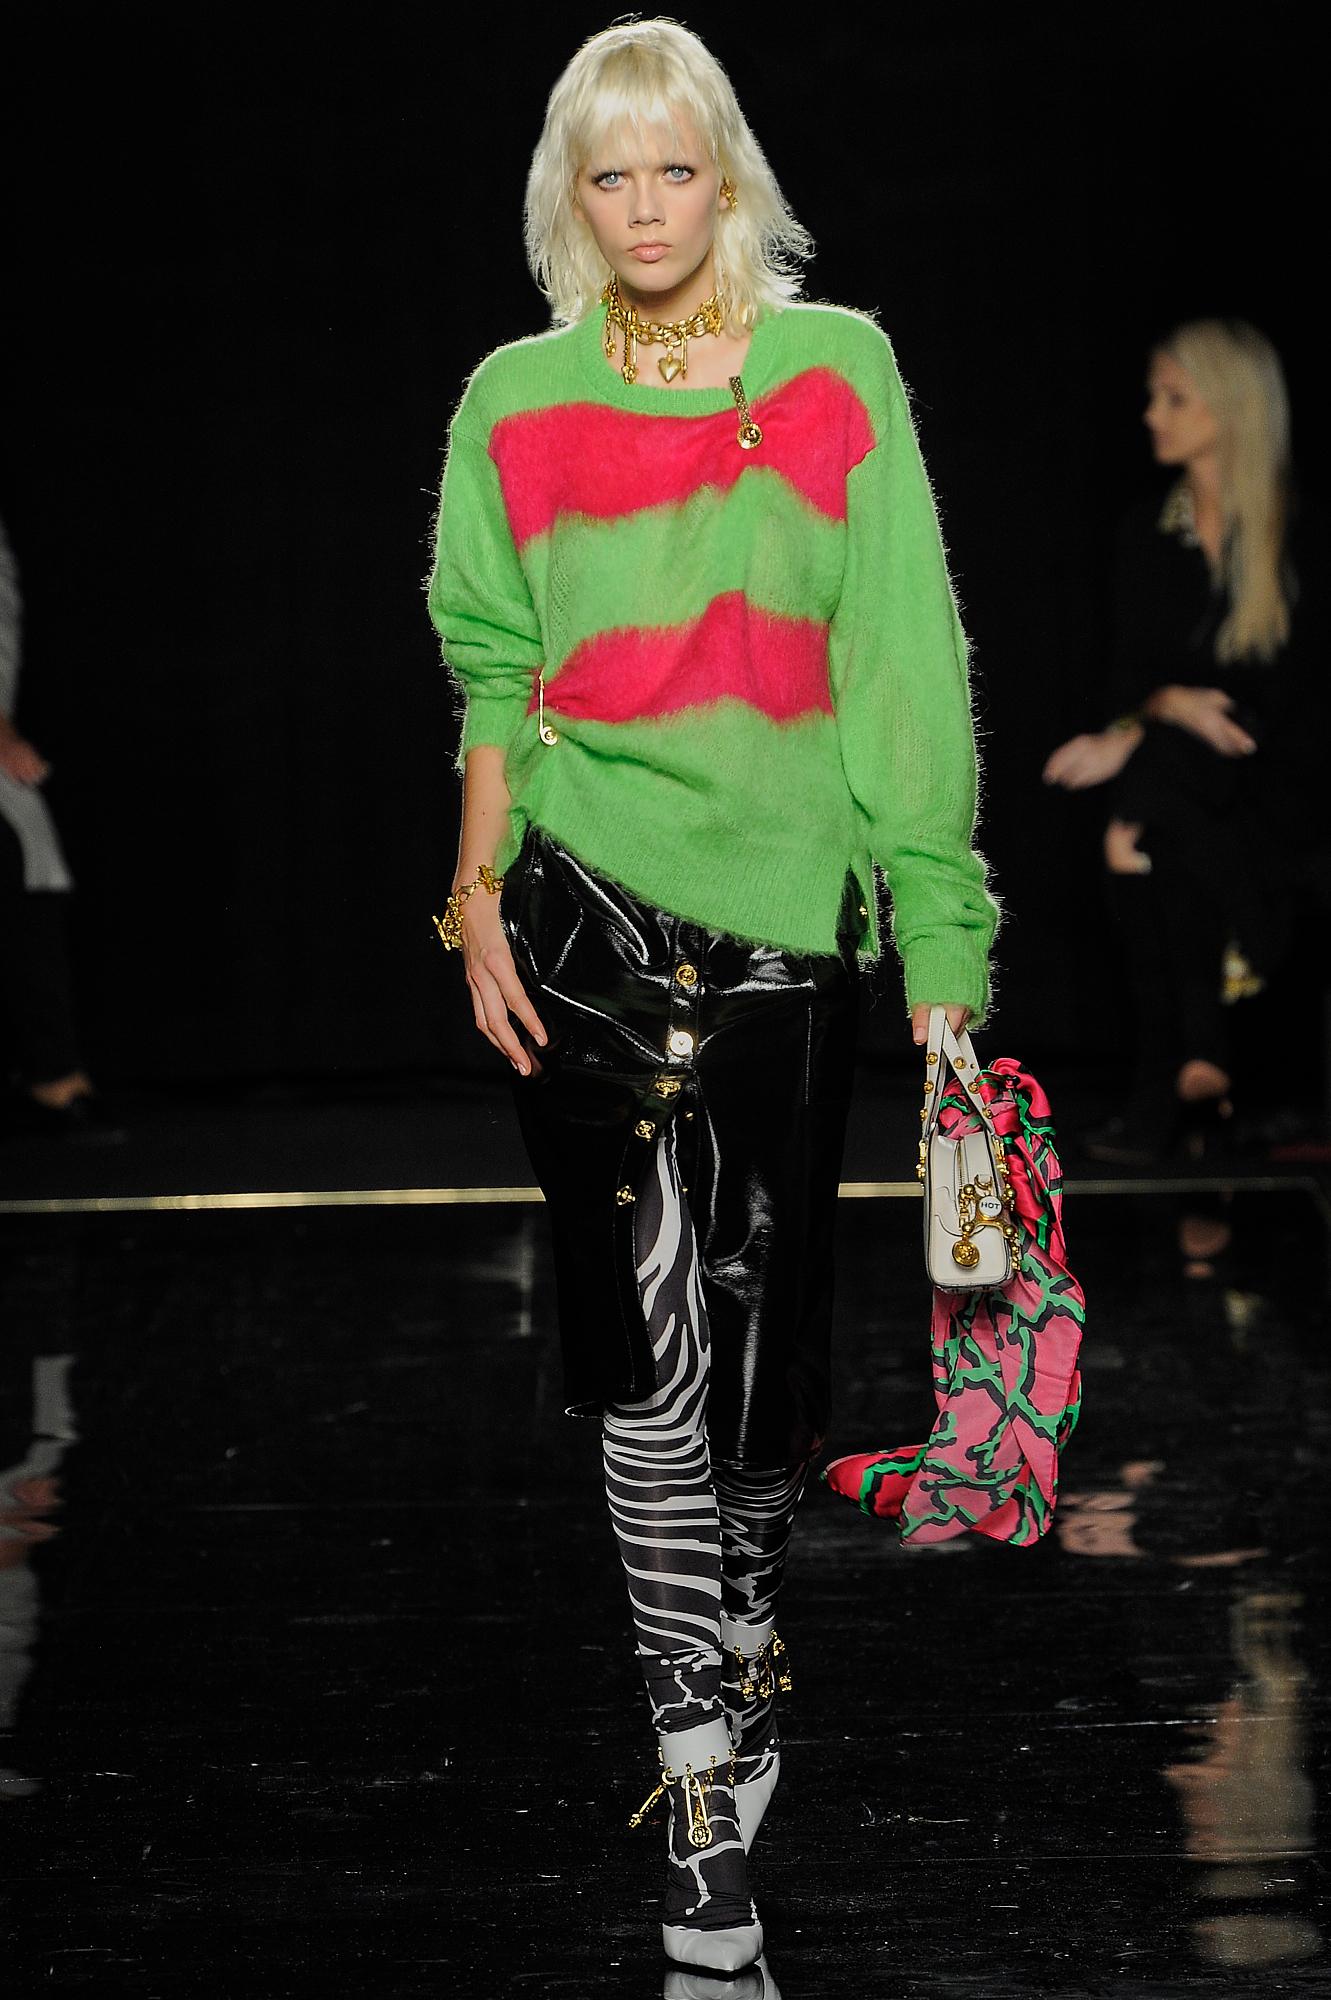 Versace_25_17_versace_runway_runway_00025.jpg